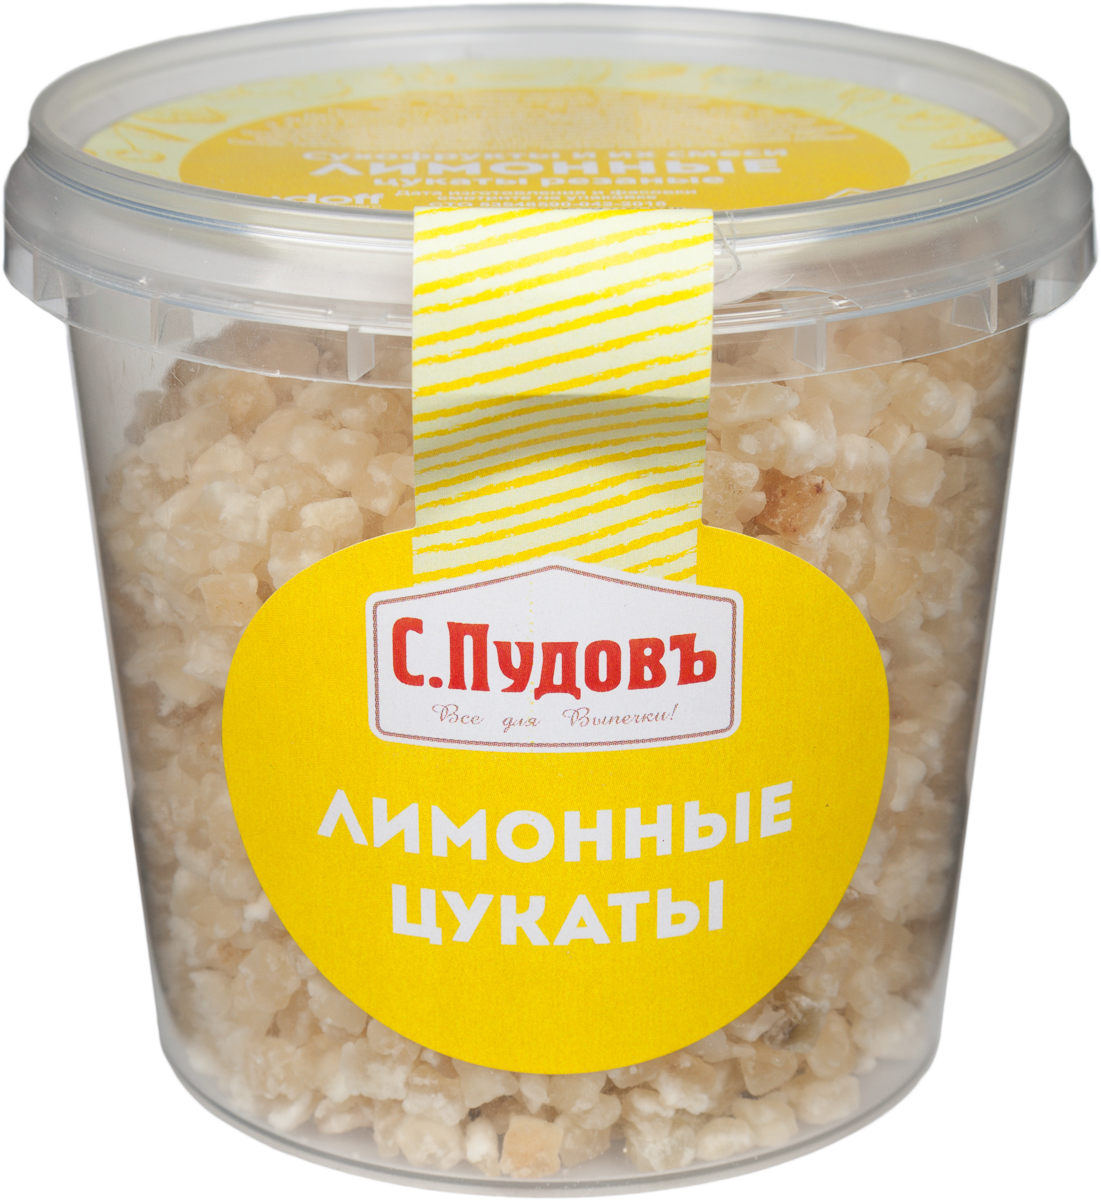 Пудовъ лимонные цукаты, 230 г0120710Эфирное масло, которое содержится в цукатах, оказывает тонизирующее действие, повышает настроение, способствует приливу сил для выполнения работы. А сахар обеспечивает организм энергией, необходимой чтобы эту работу выполнить. Их можно добавлять в десерты и выпечку.Уважаемые клиенты! Обращаем ваше внимание, что полный перечень состава продукта представлен на дополнительном изображении.